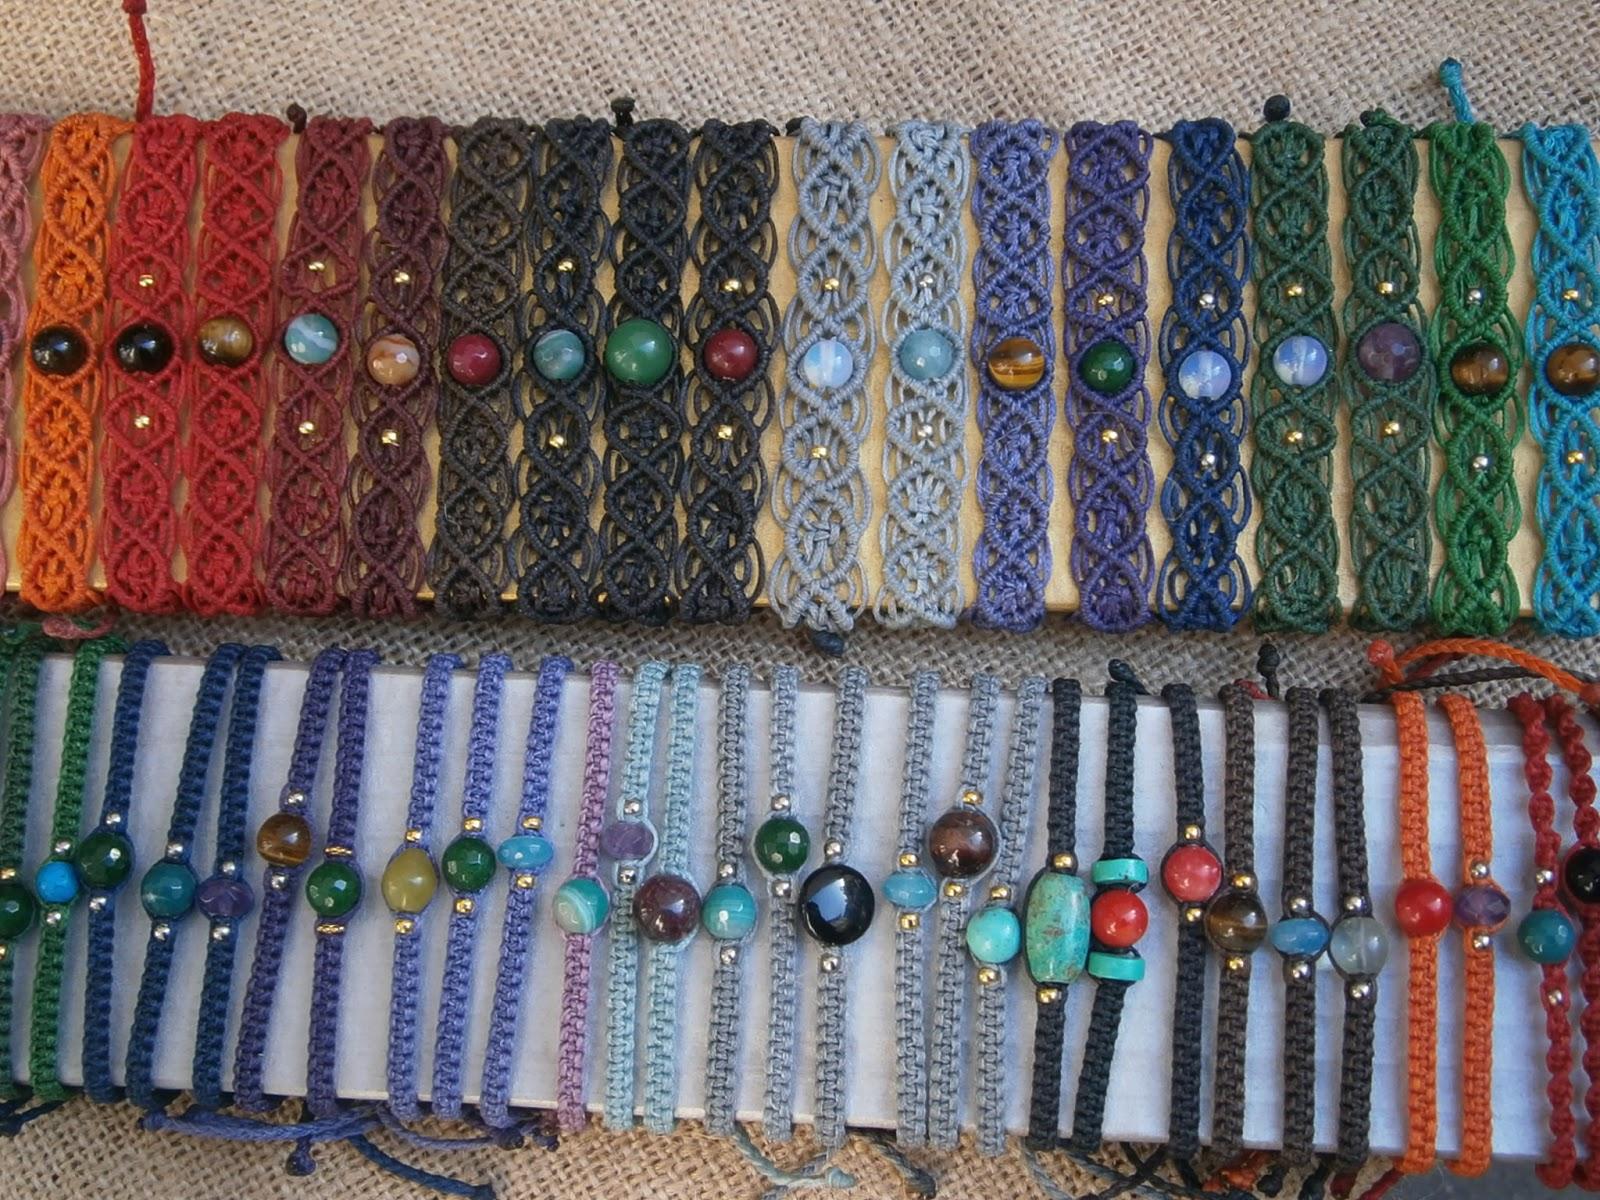 Populaire Tililà artigiani in viaggio: bracciali e braccialetti FL66